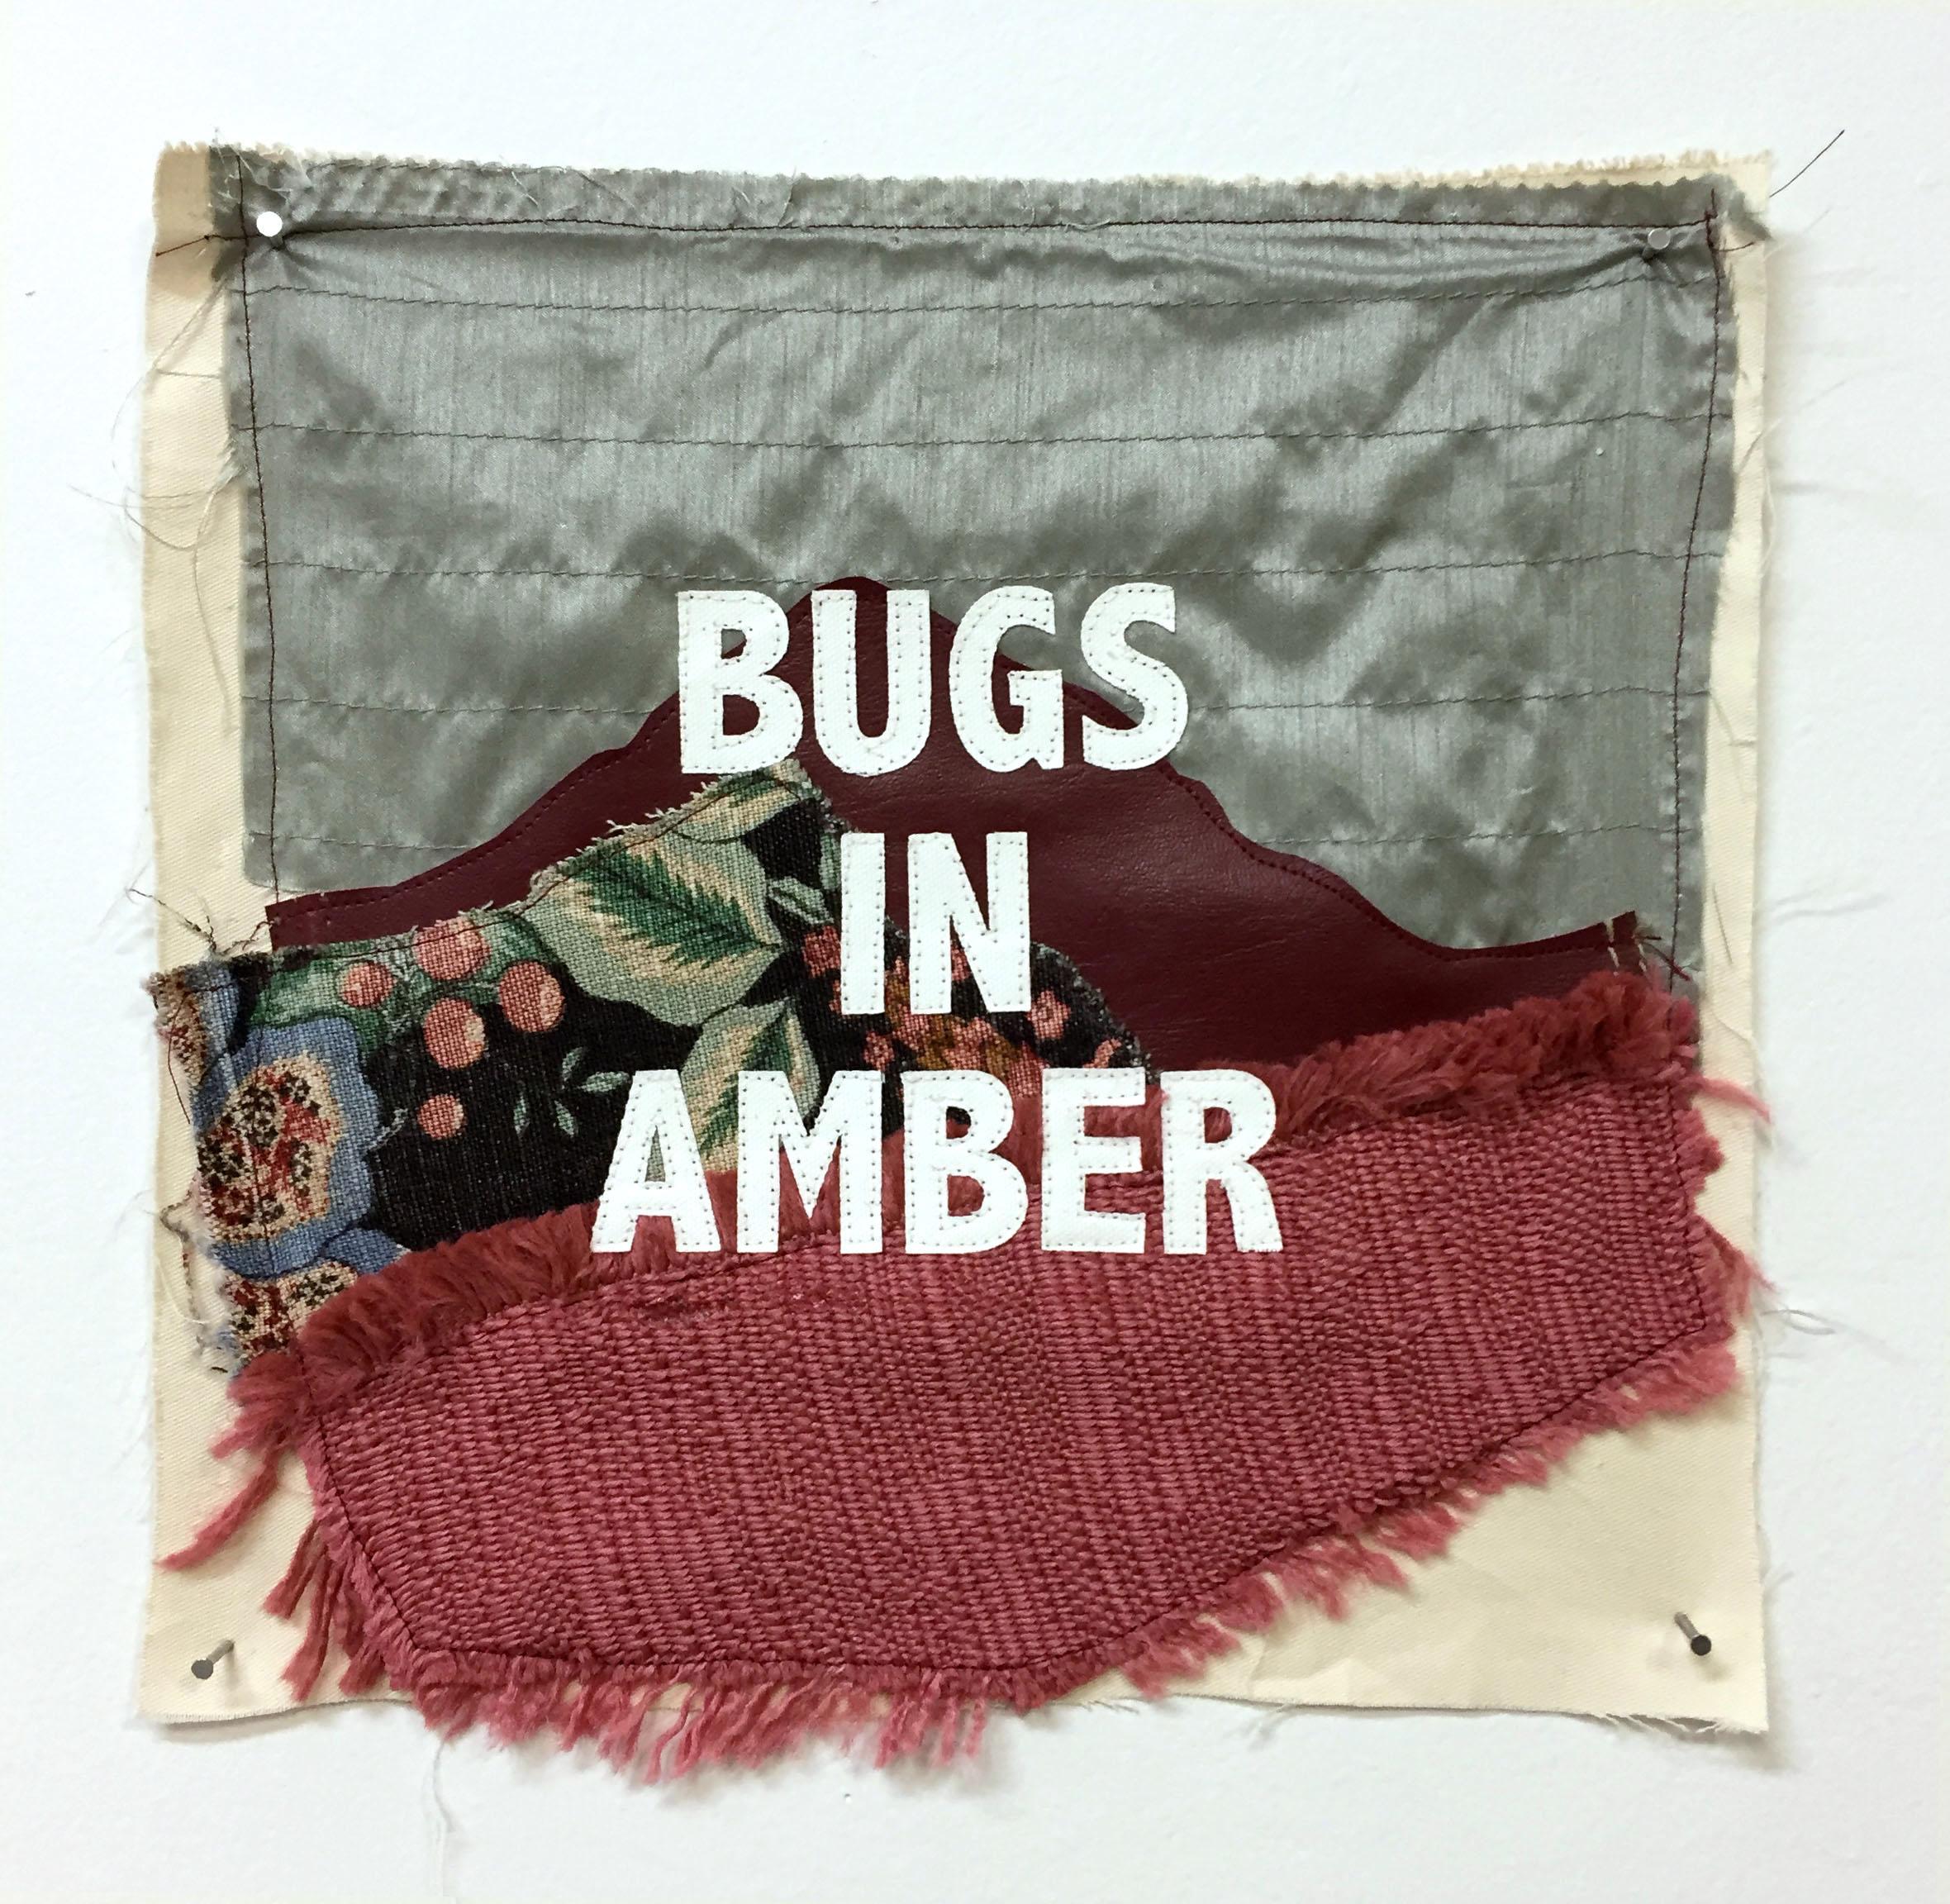 Alexander_bugs.in.amber.jpg